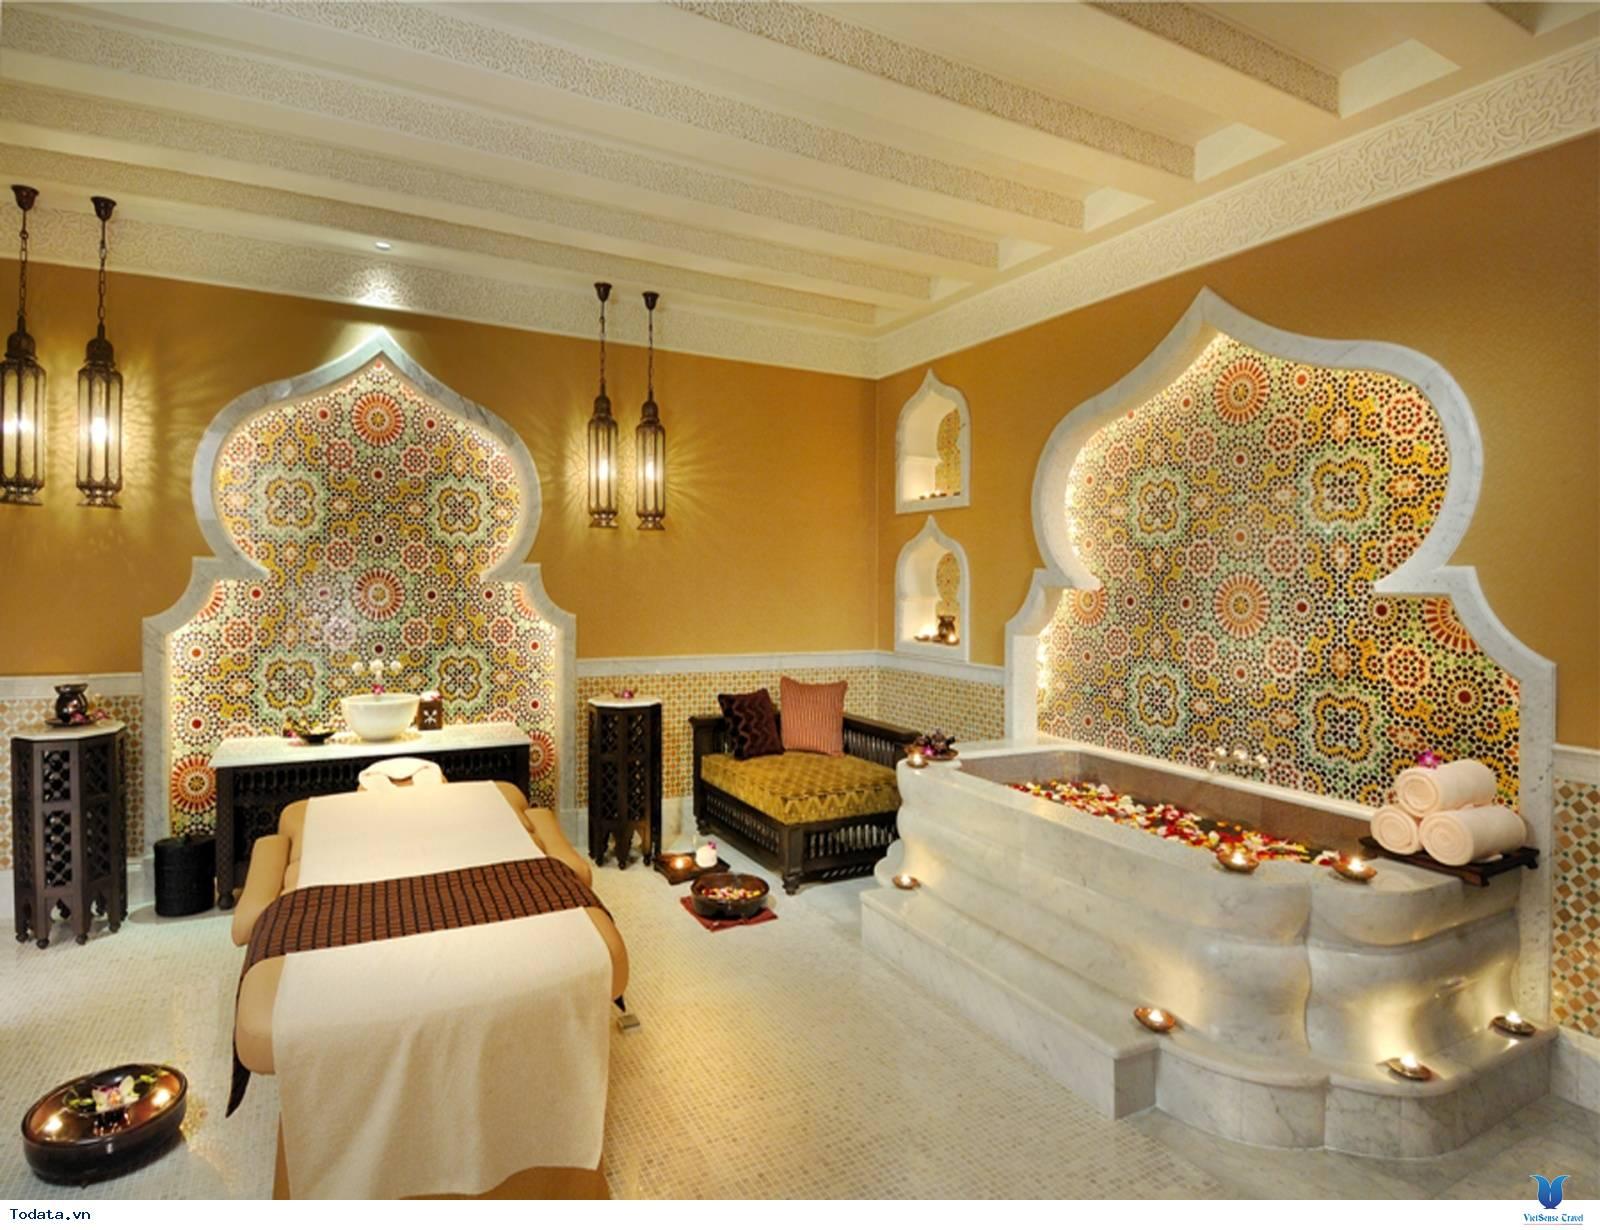 Khám Phá Khách Sạn 7 Sao Đẳng Cấp Emirates Palace - Ảnh 5